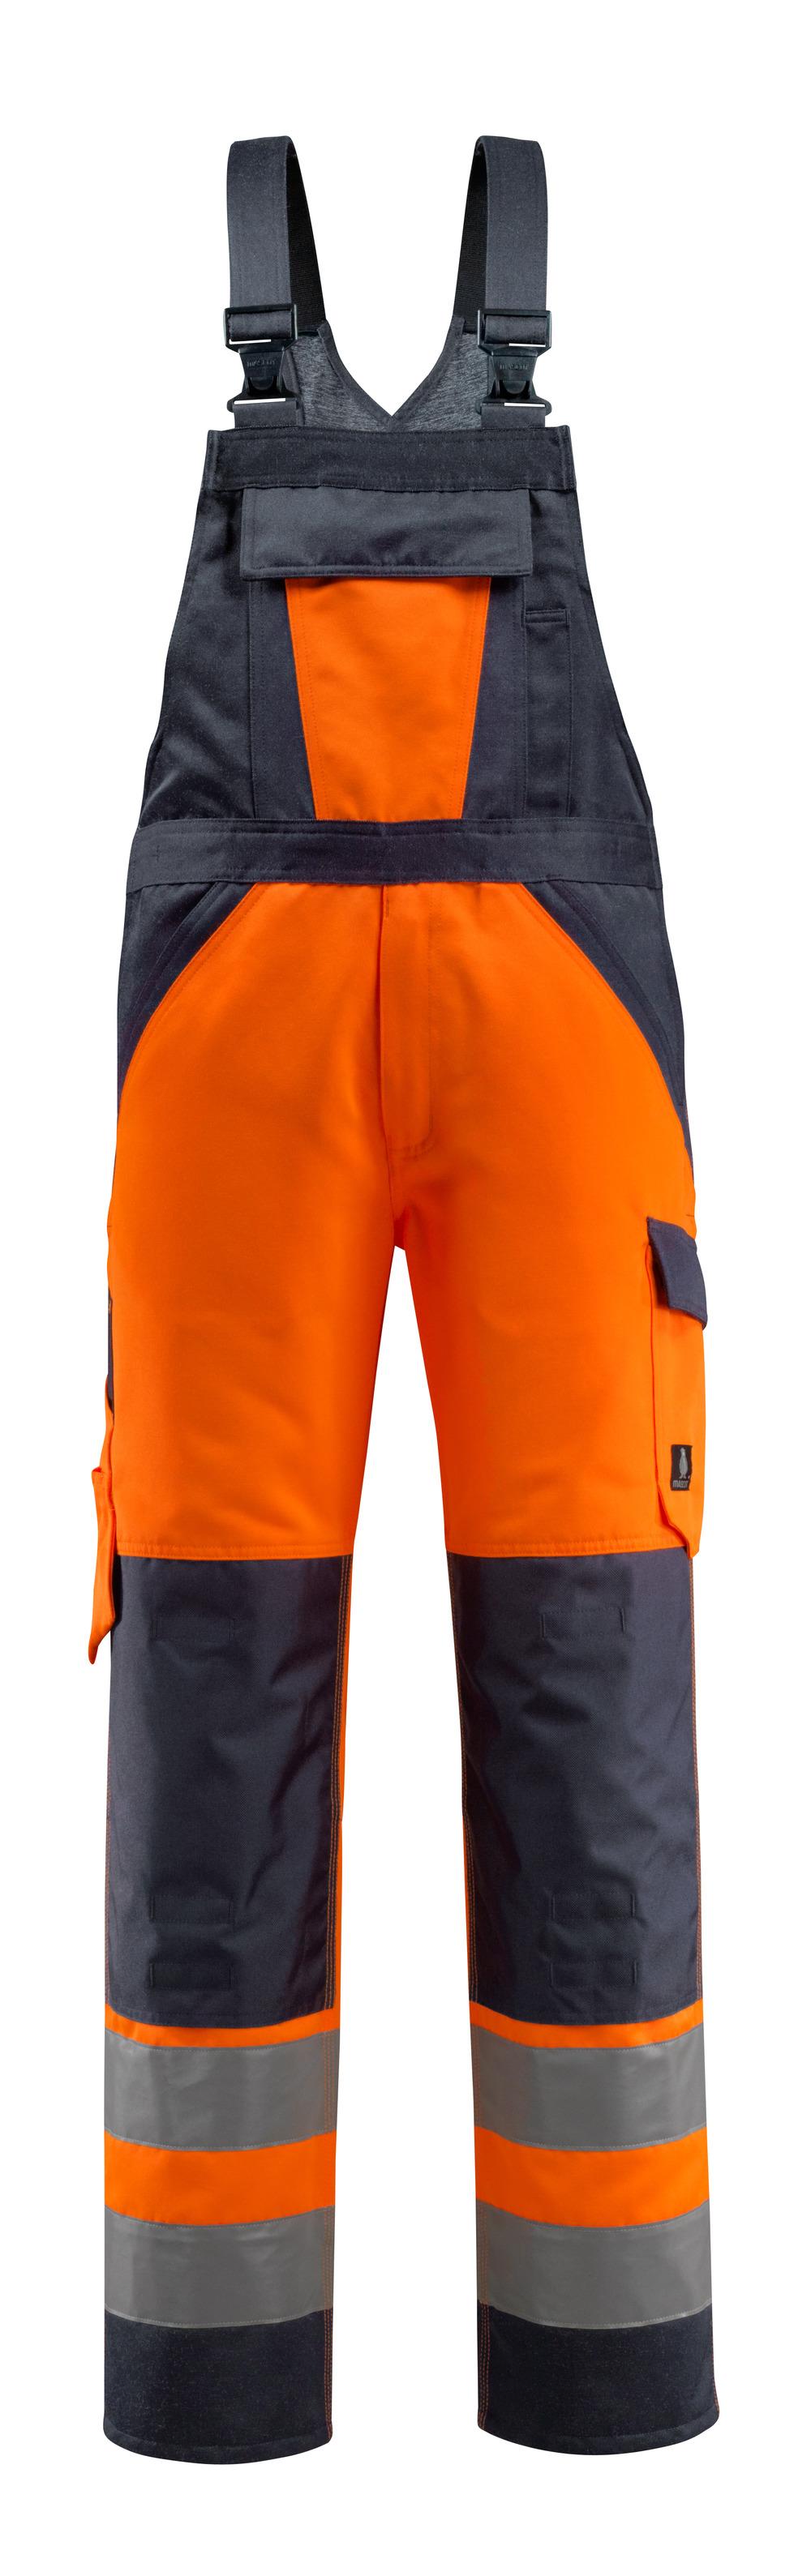 15969-948-14010 Salopette con tasche porta-ginocchiere - arancio hi-vis/blu navy scuro